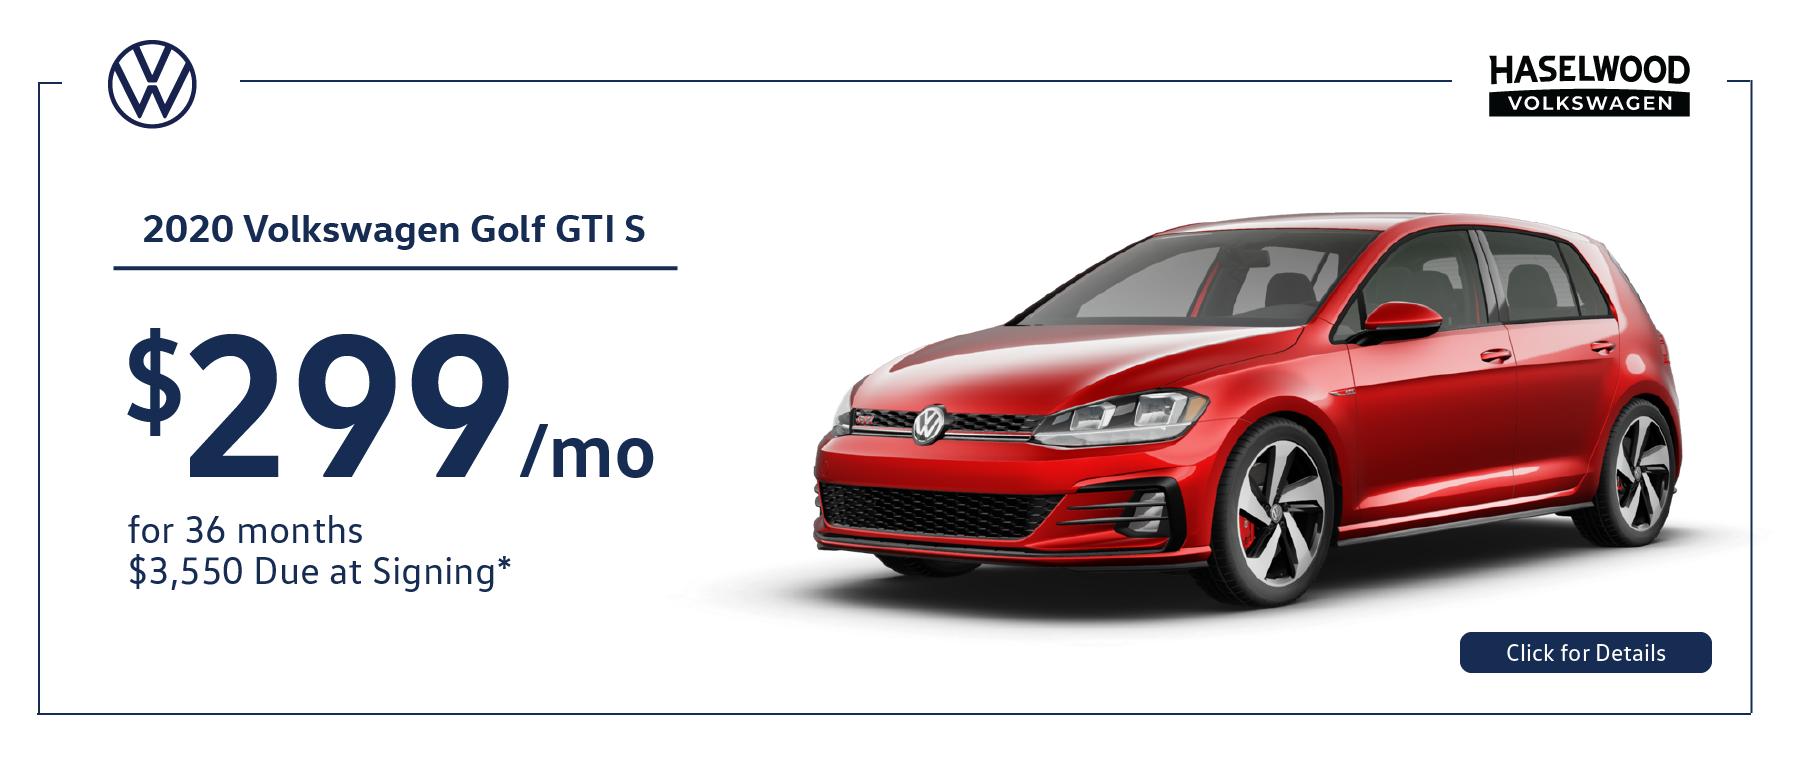 11768 – JAN21 – VW Incentives – Webslides_Golf – Web